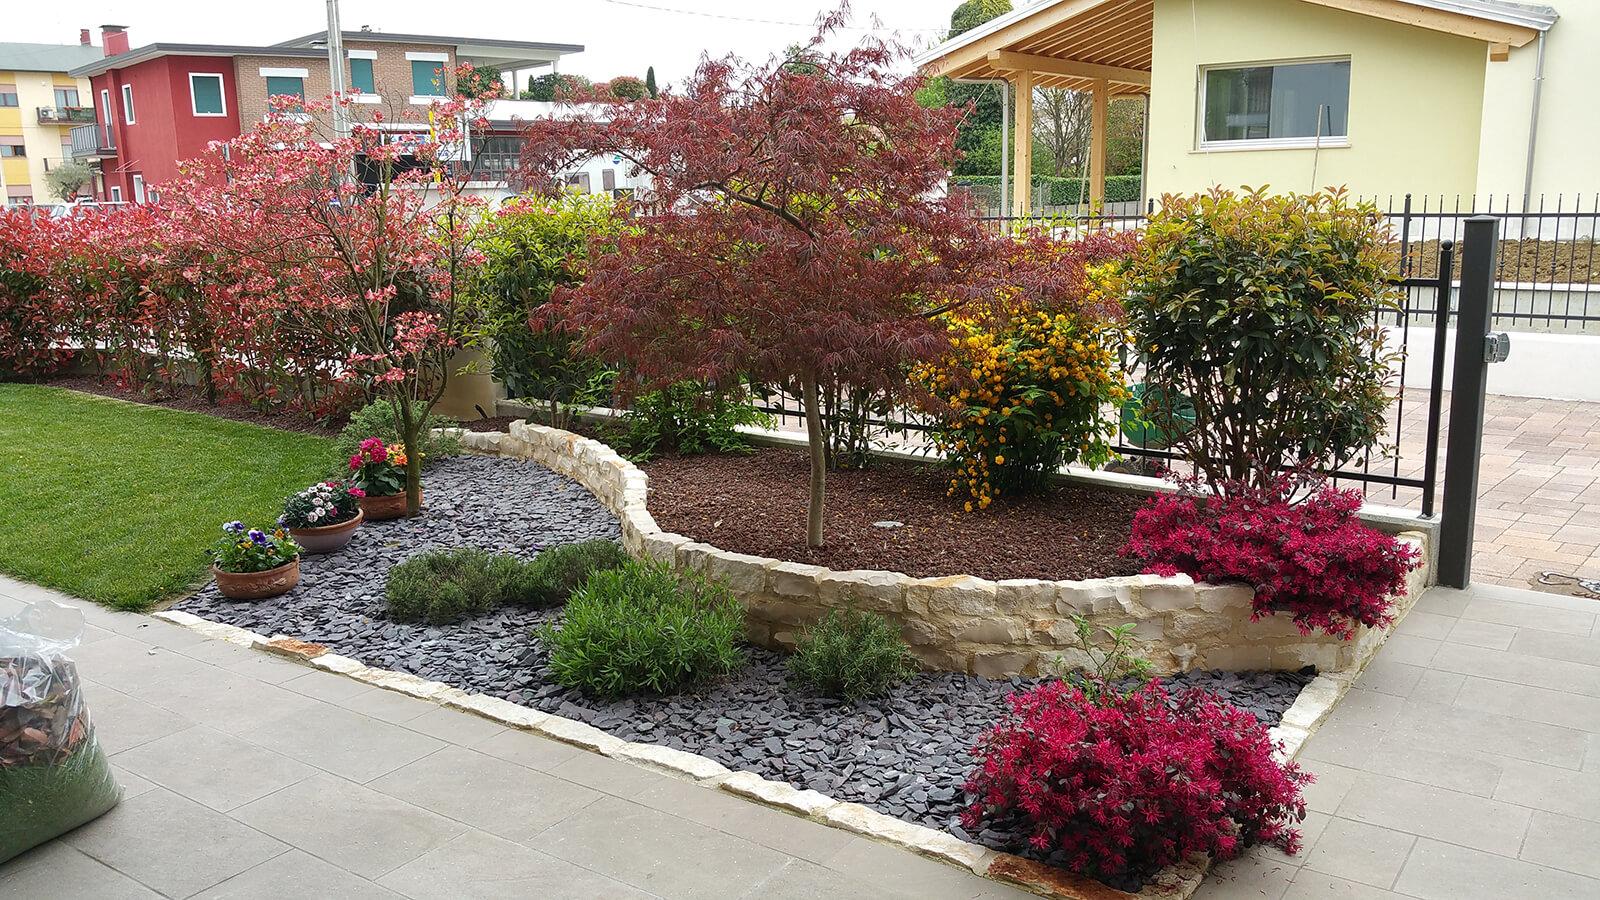 progettazione realizzazione giardini monticello - verde blu giardini 4